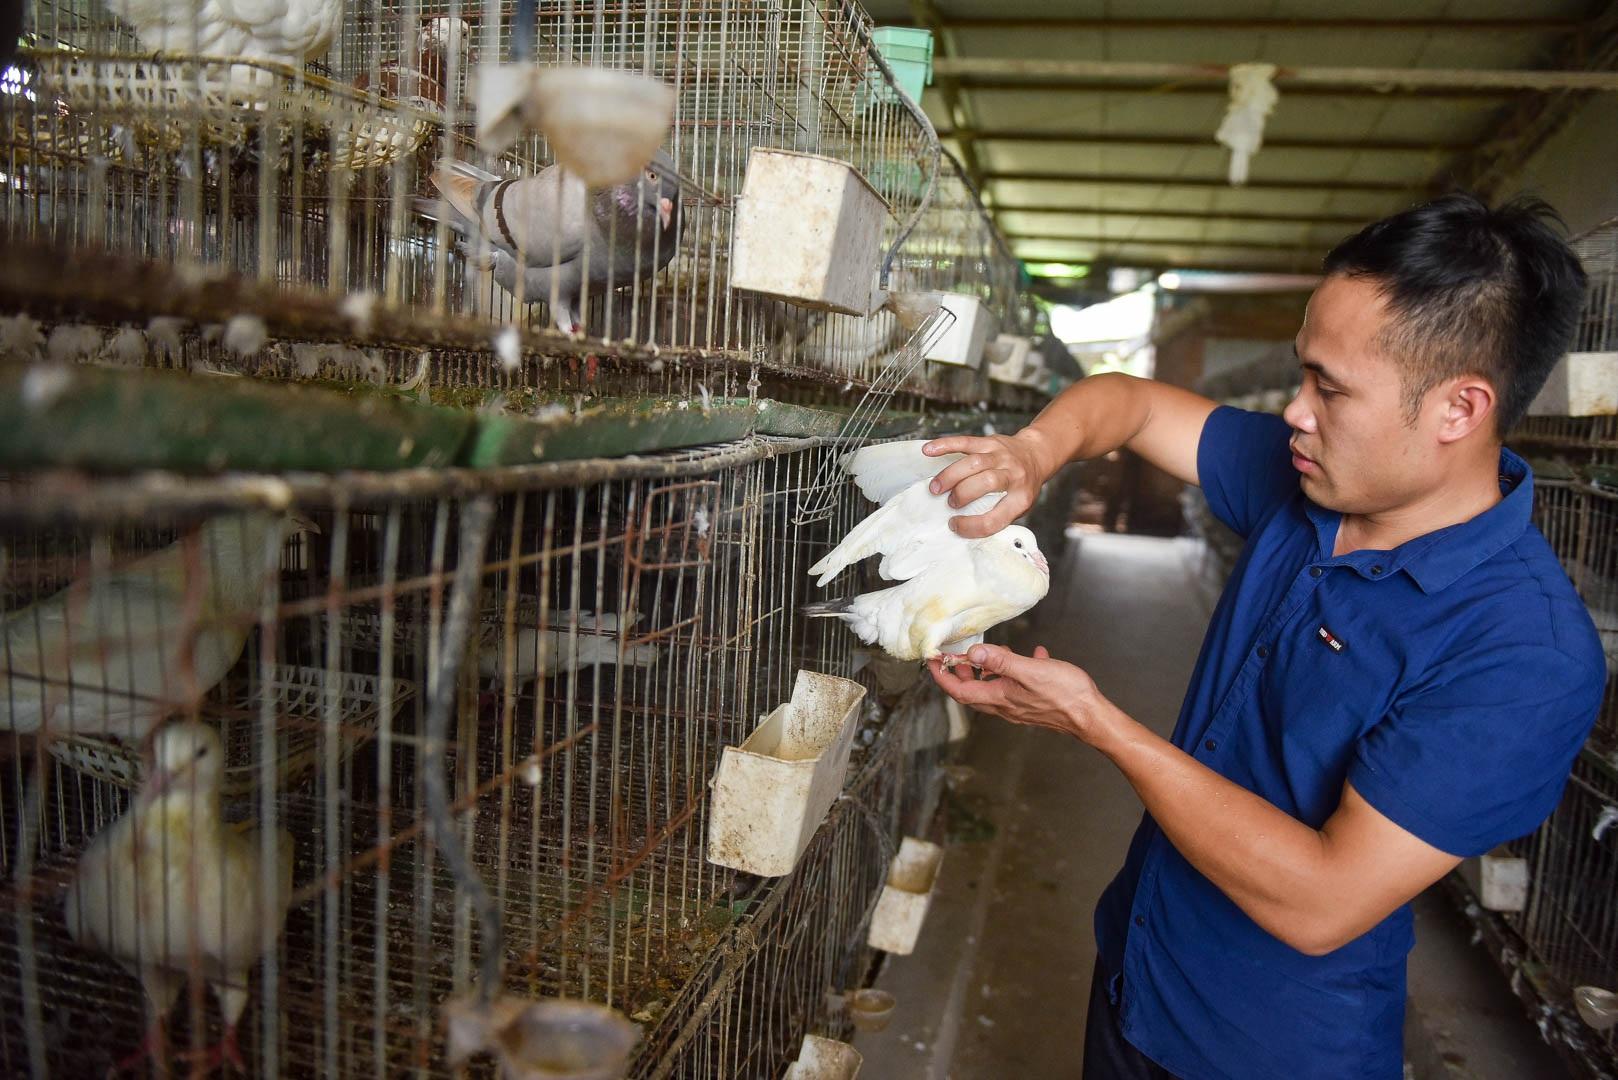 Bỏ nghề lập trình viên về làm nông dân nuôi chim thu 3 tỷ đồng/năm - 4